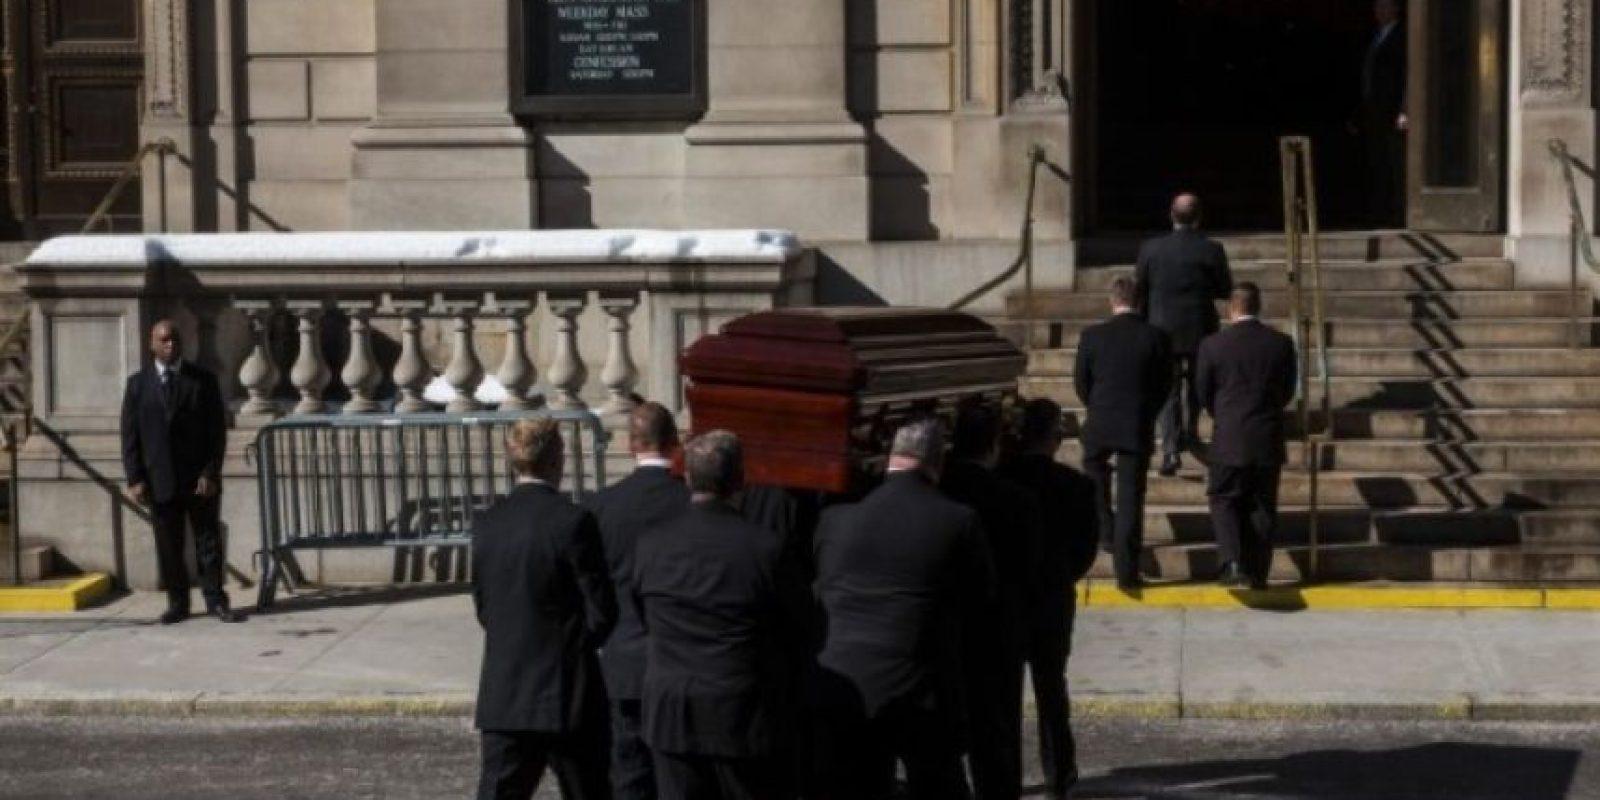 Un médico en Alemania es investigado después de declarar la muerte de una mujer, la cual despertó gritando en su funeral. Foto:Getty Images